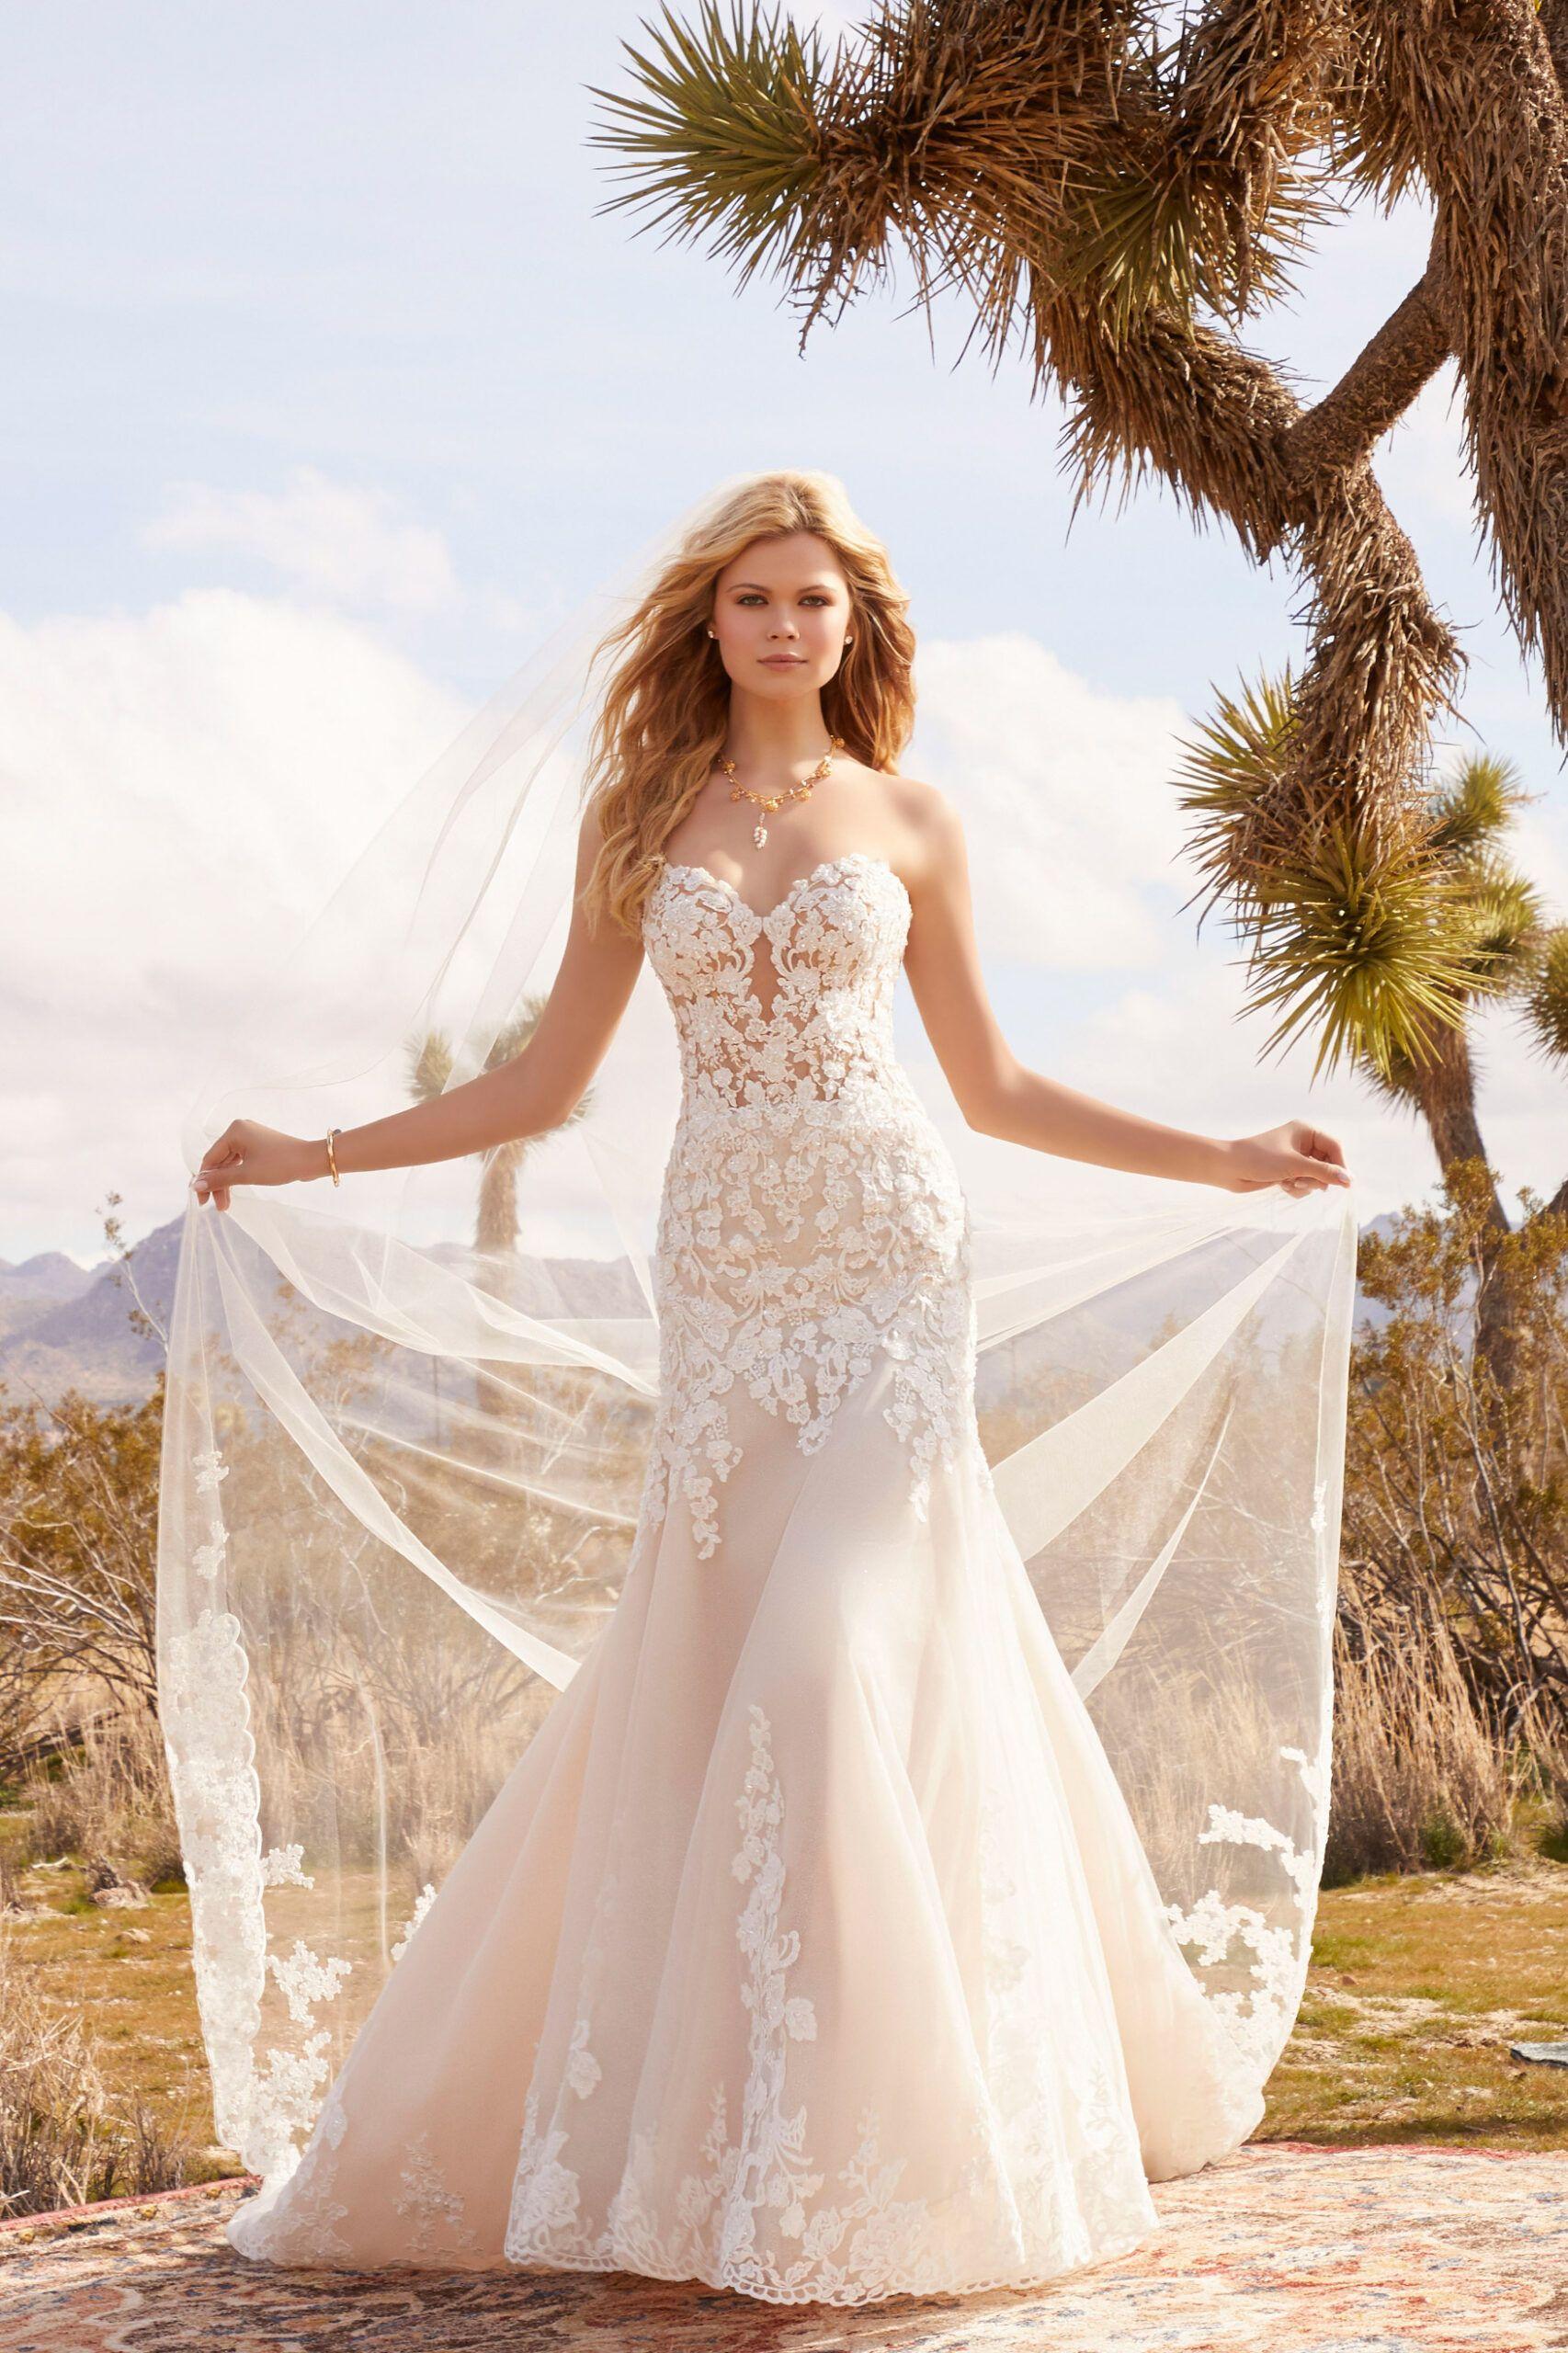 20 Die zweite Braut - Gebrauchte Brautmode in 20